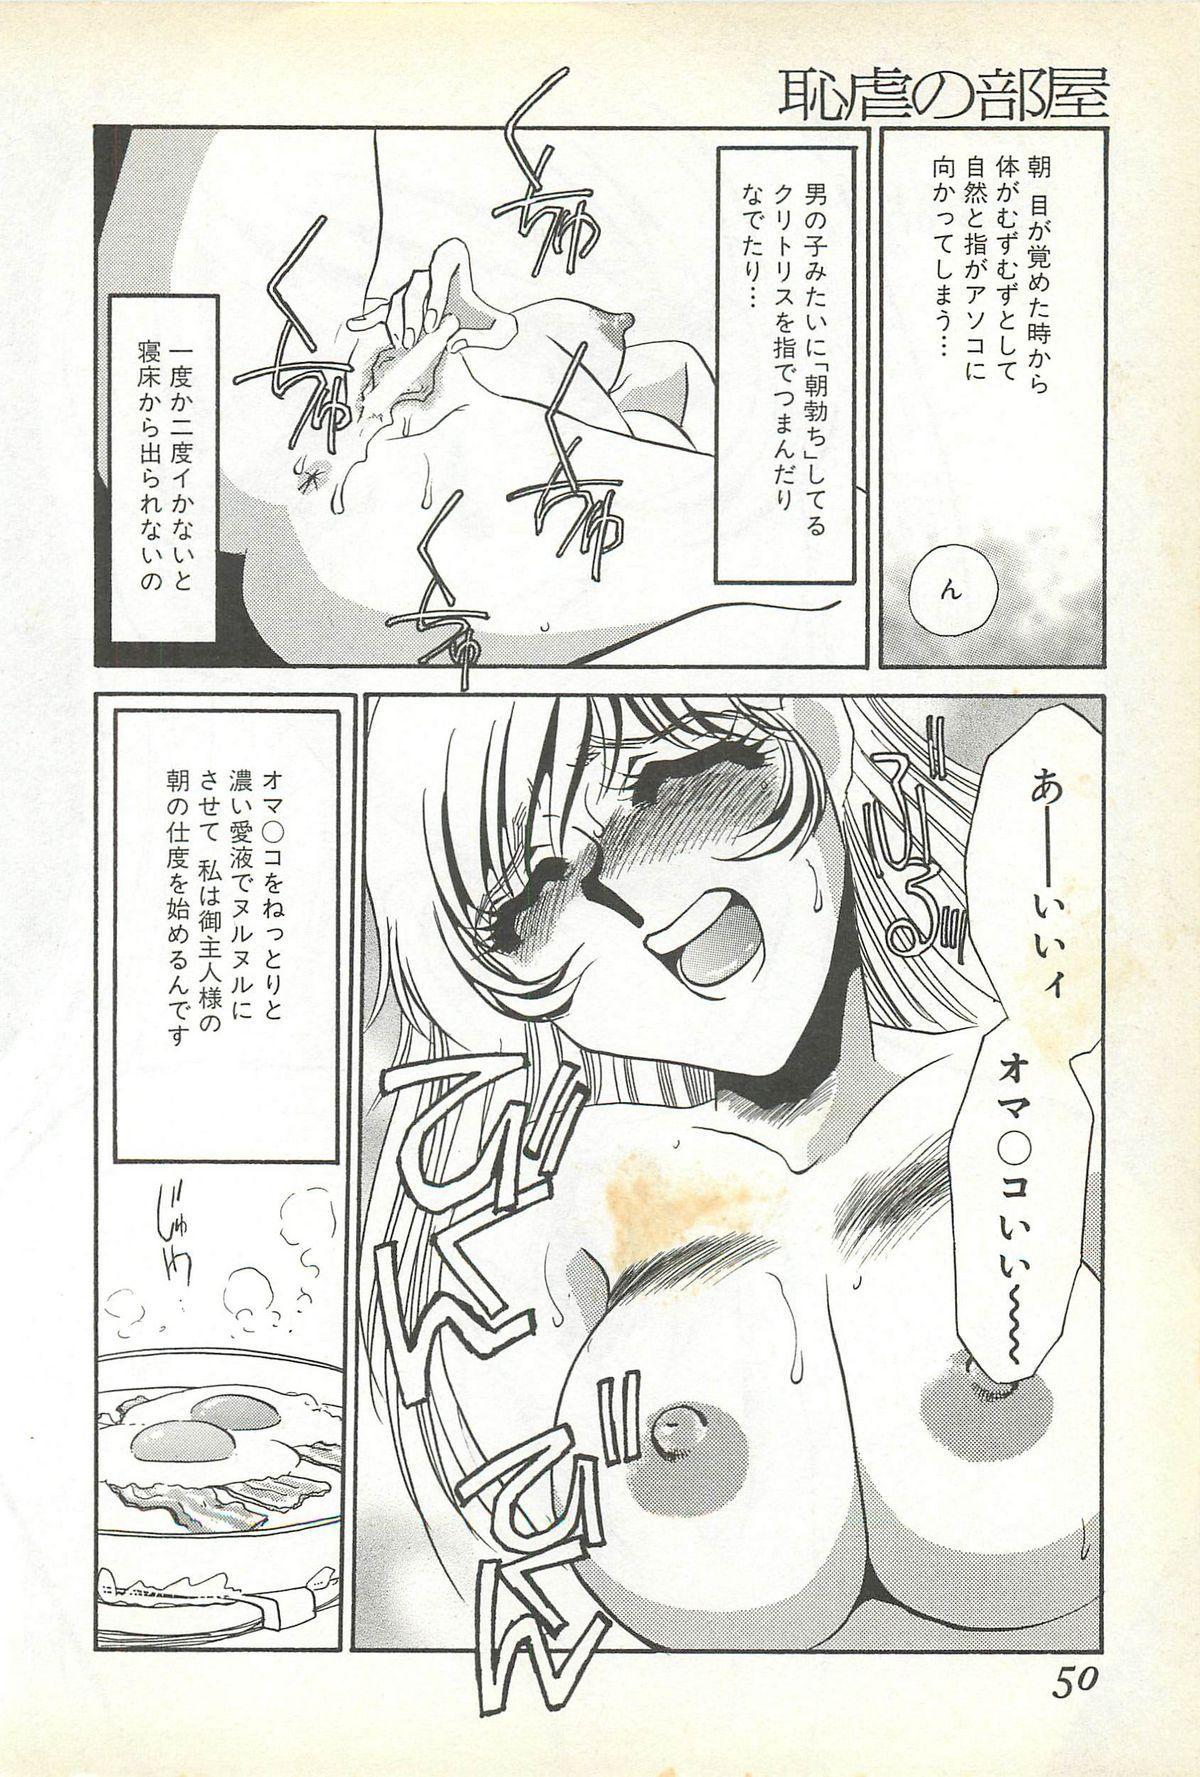 Chigyaku no Heya - A Shameful Punishment Room 46